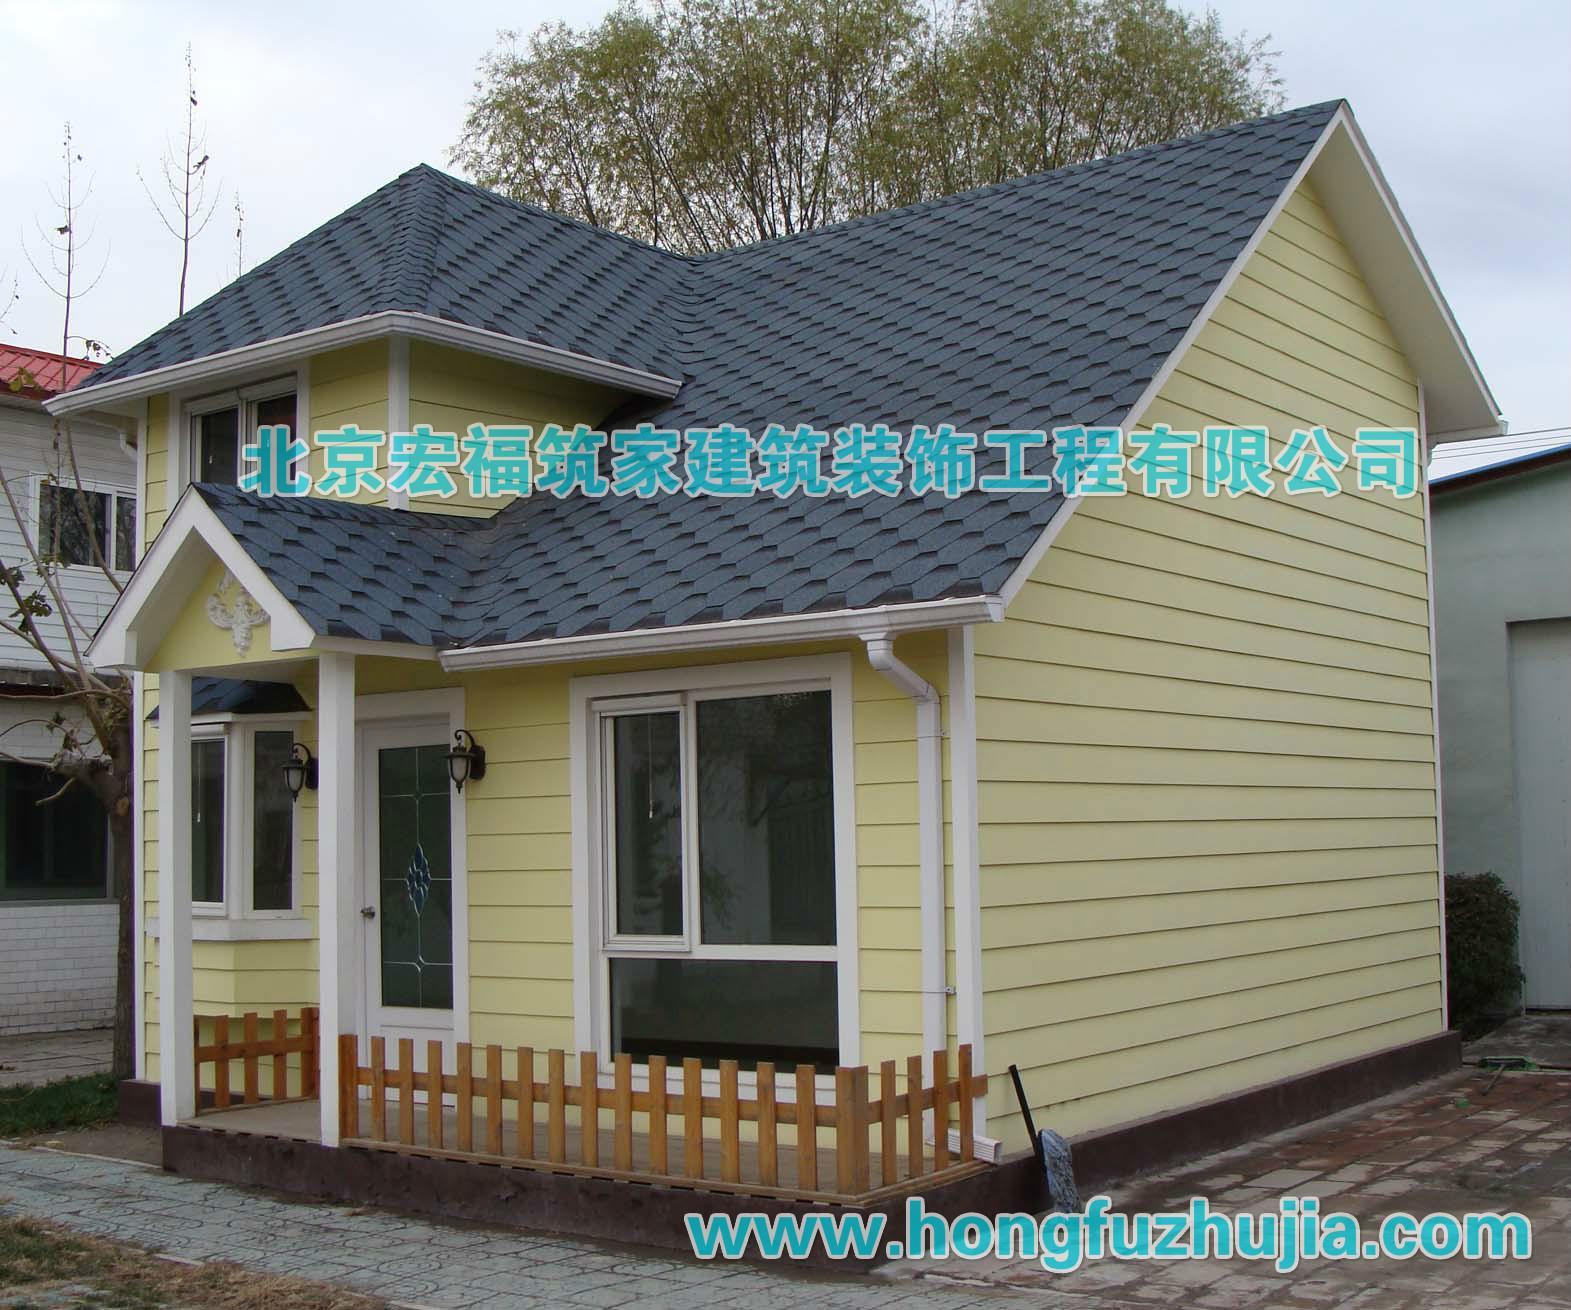 北京红福筑家供应,轻钢结构别墅,别墅改造